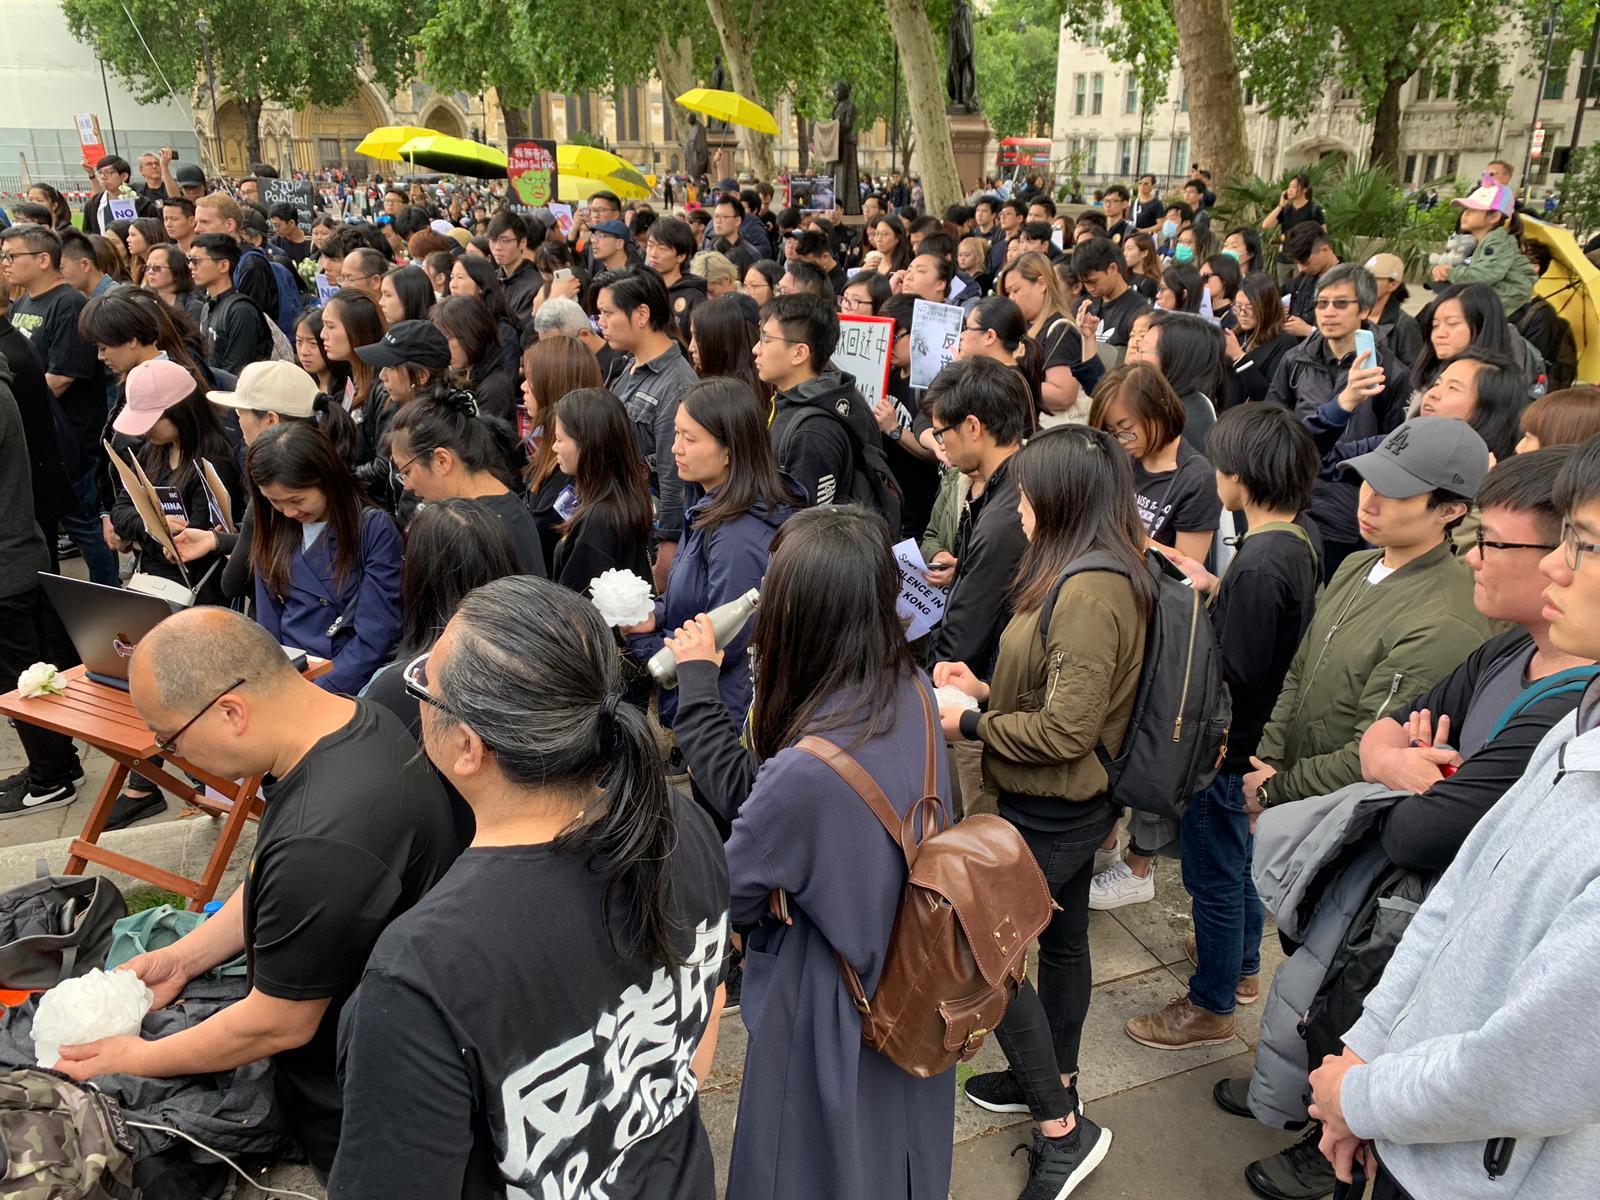 6月16日倫敦的集會現場,支援香港遊行的人群聚集在議會廣場的每一個角落。(唐詩韻/大紀元)